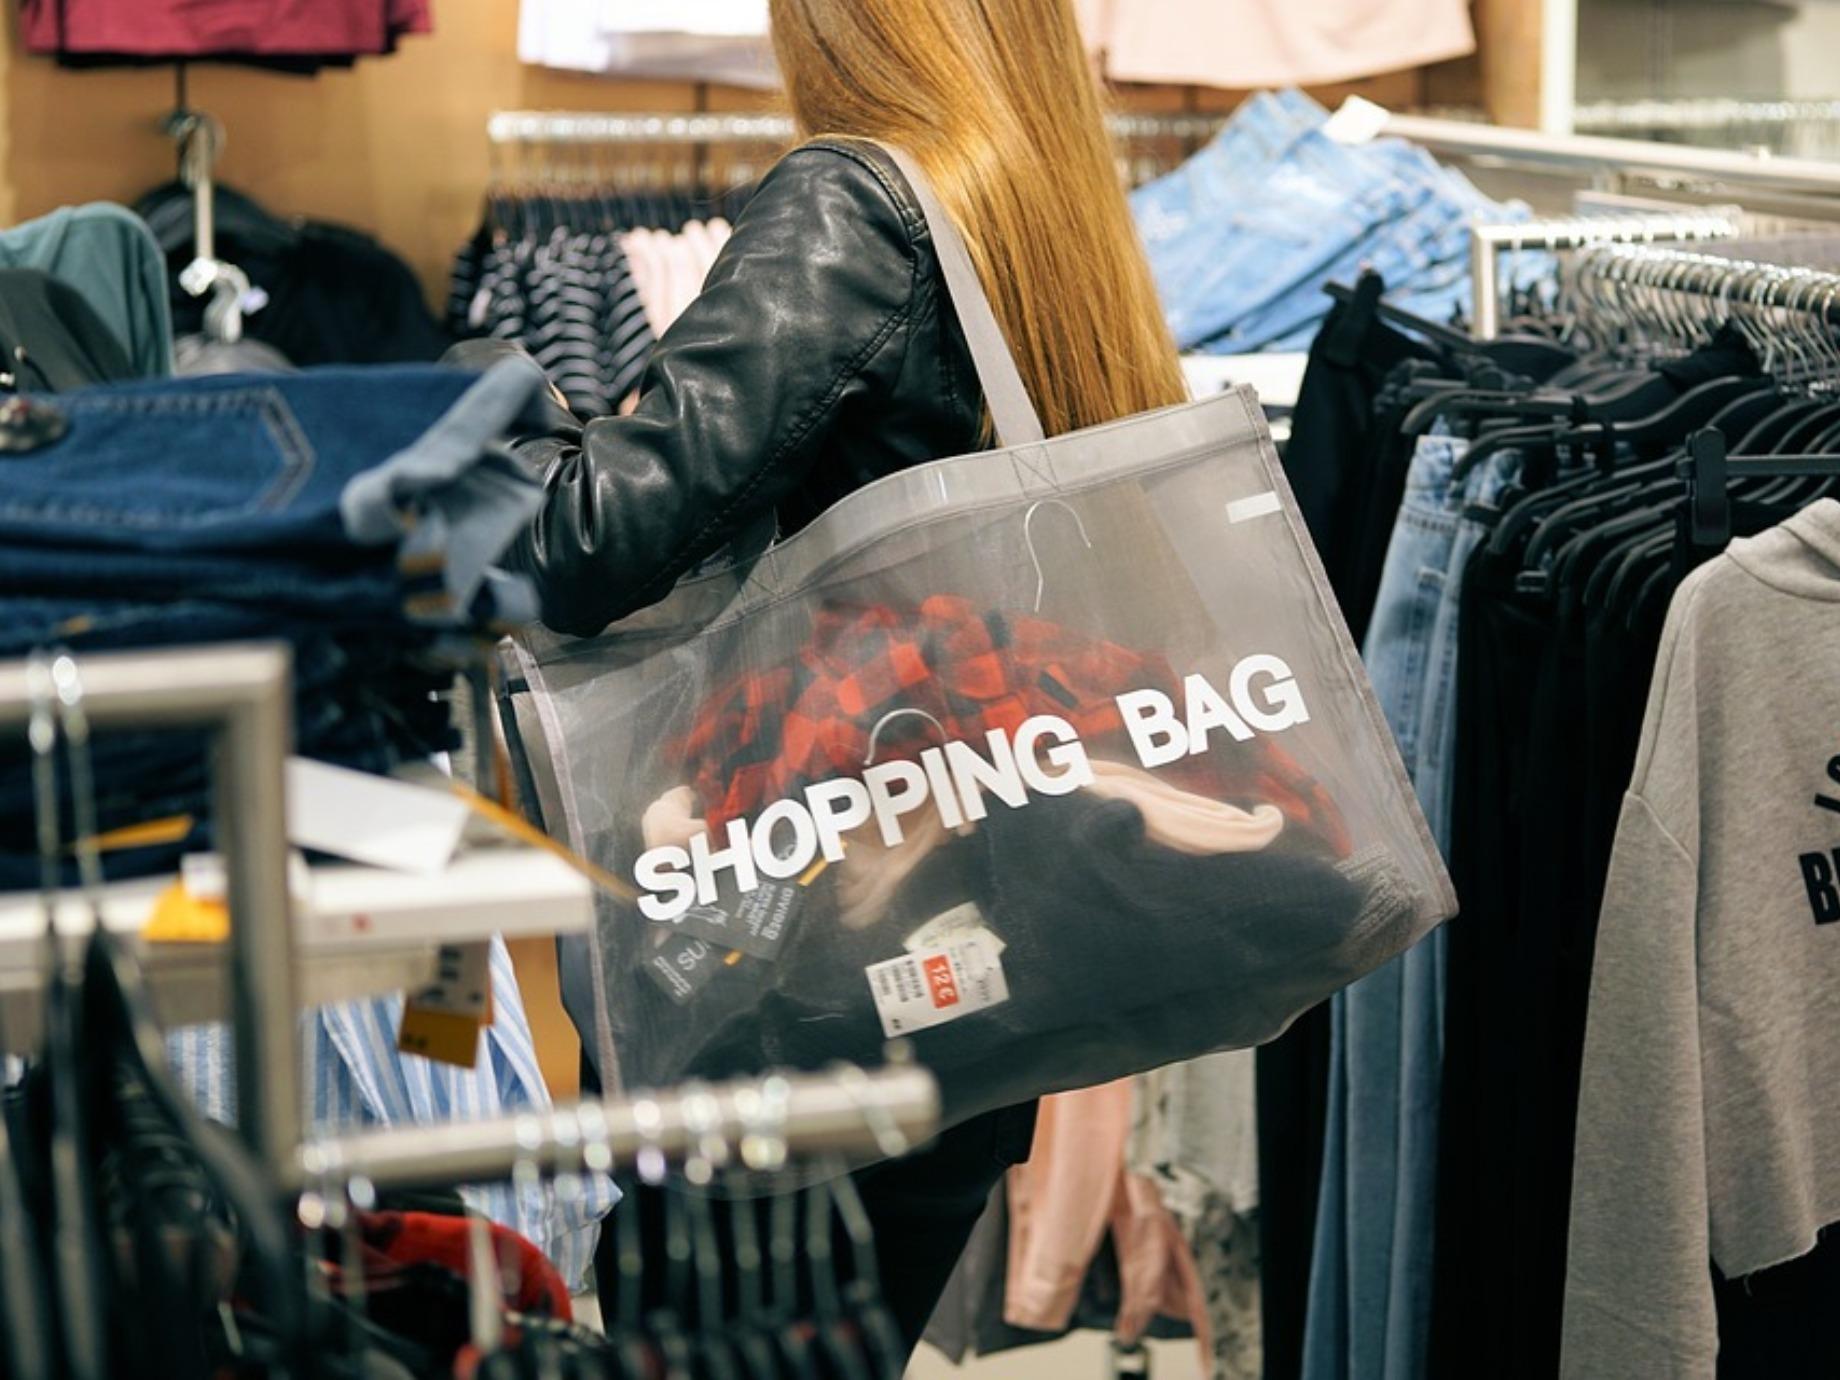 實體店技術速度太慢,研究:4成消費者表示失望